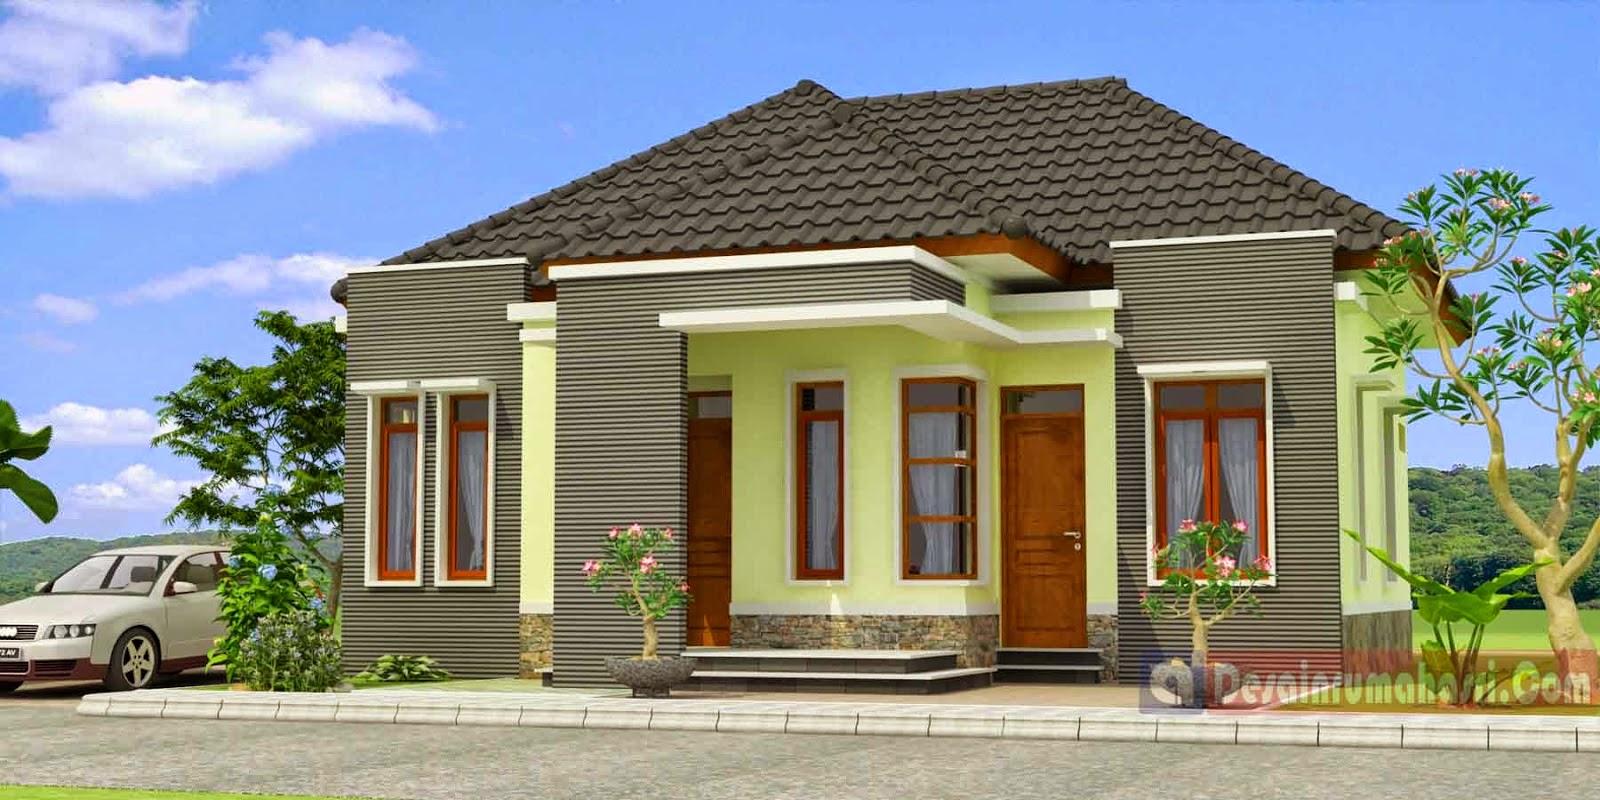 410+ Gambar Referensi Desain Rumah Modern Gratis Terbaru Yang Bisa Anda Tiru